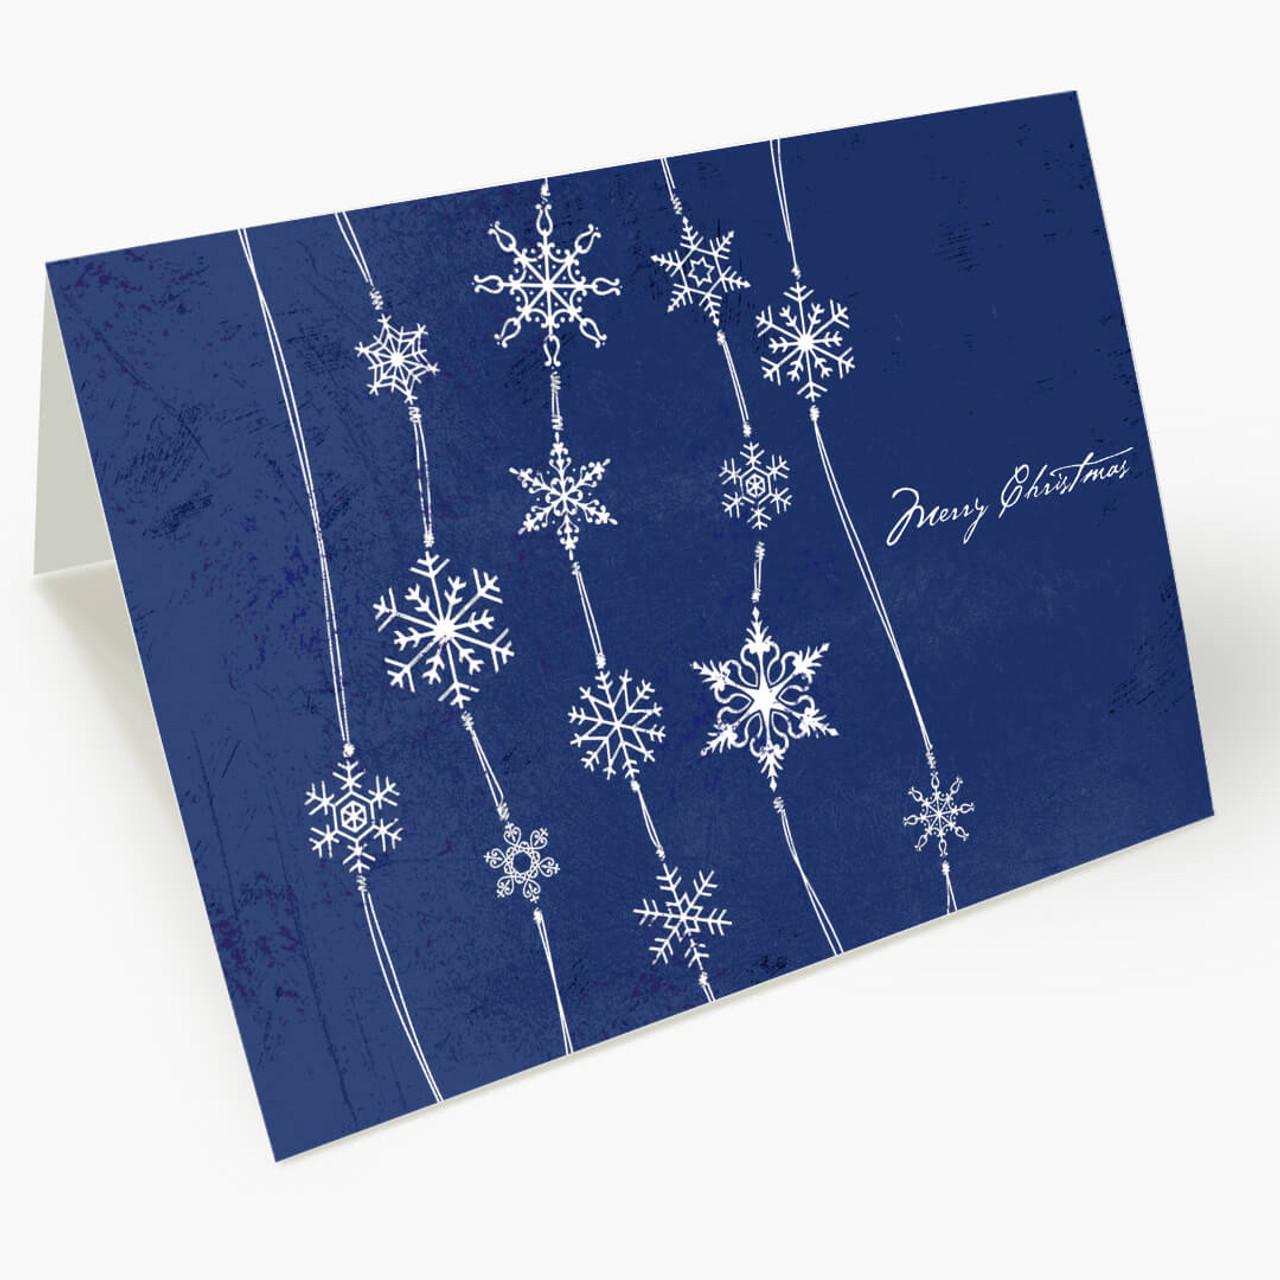 Midnight Blue Snowfall